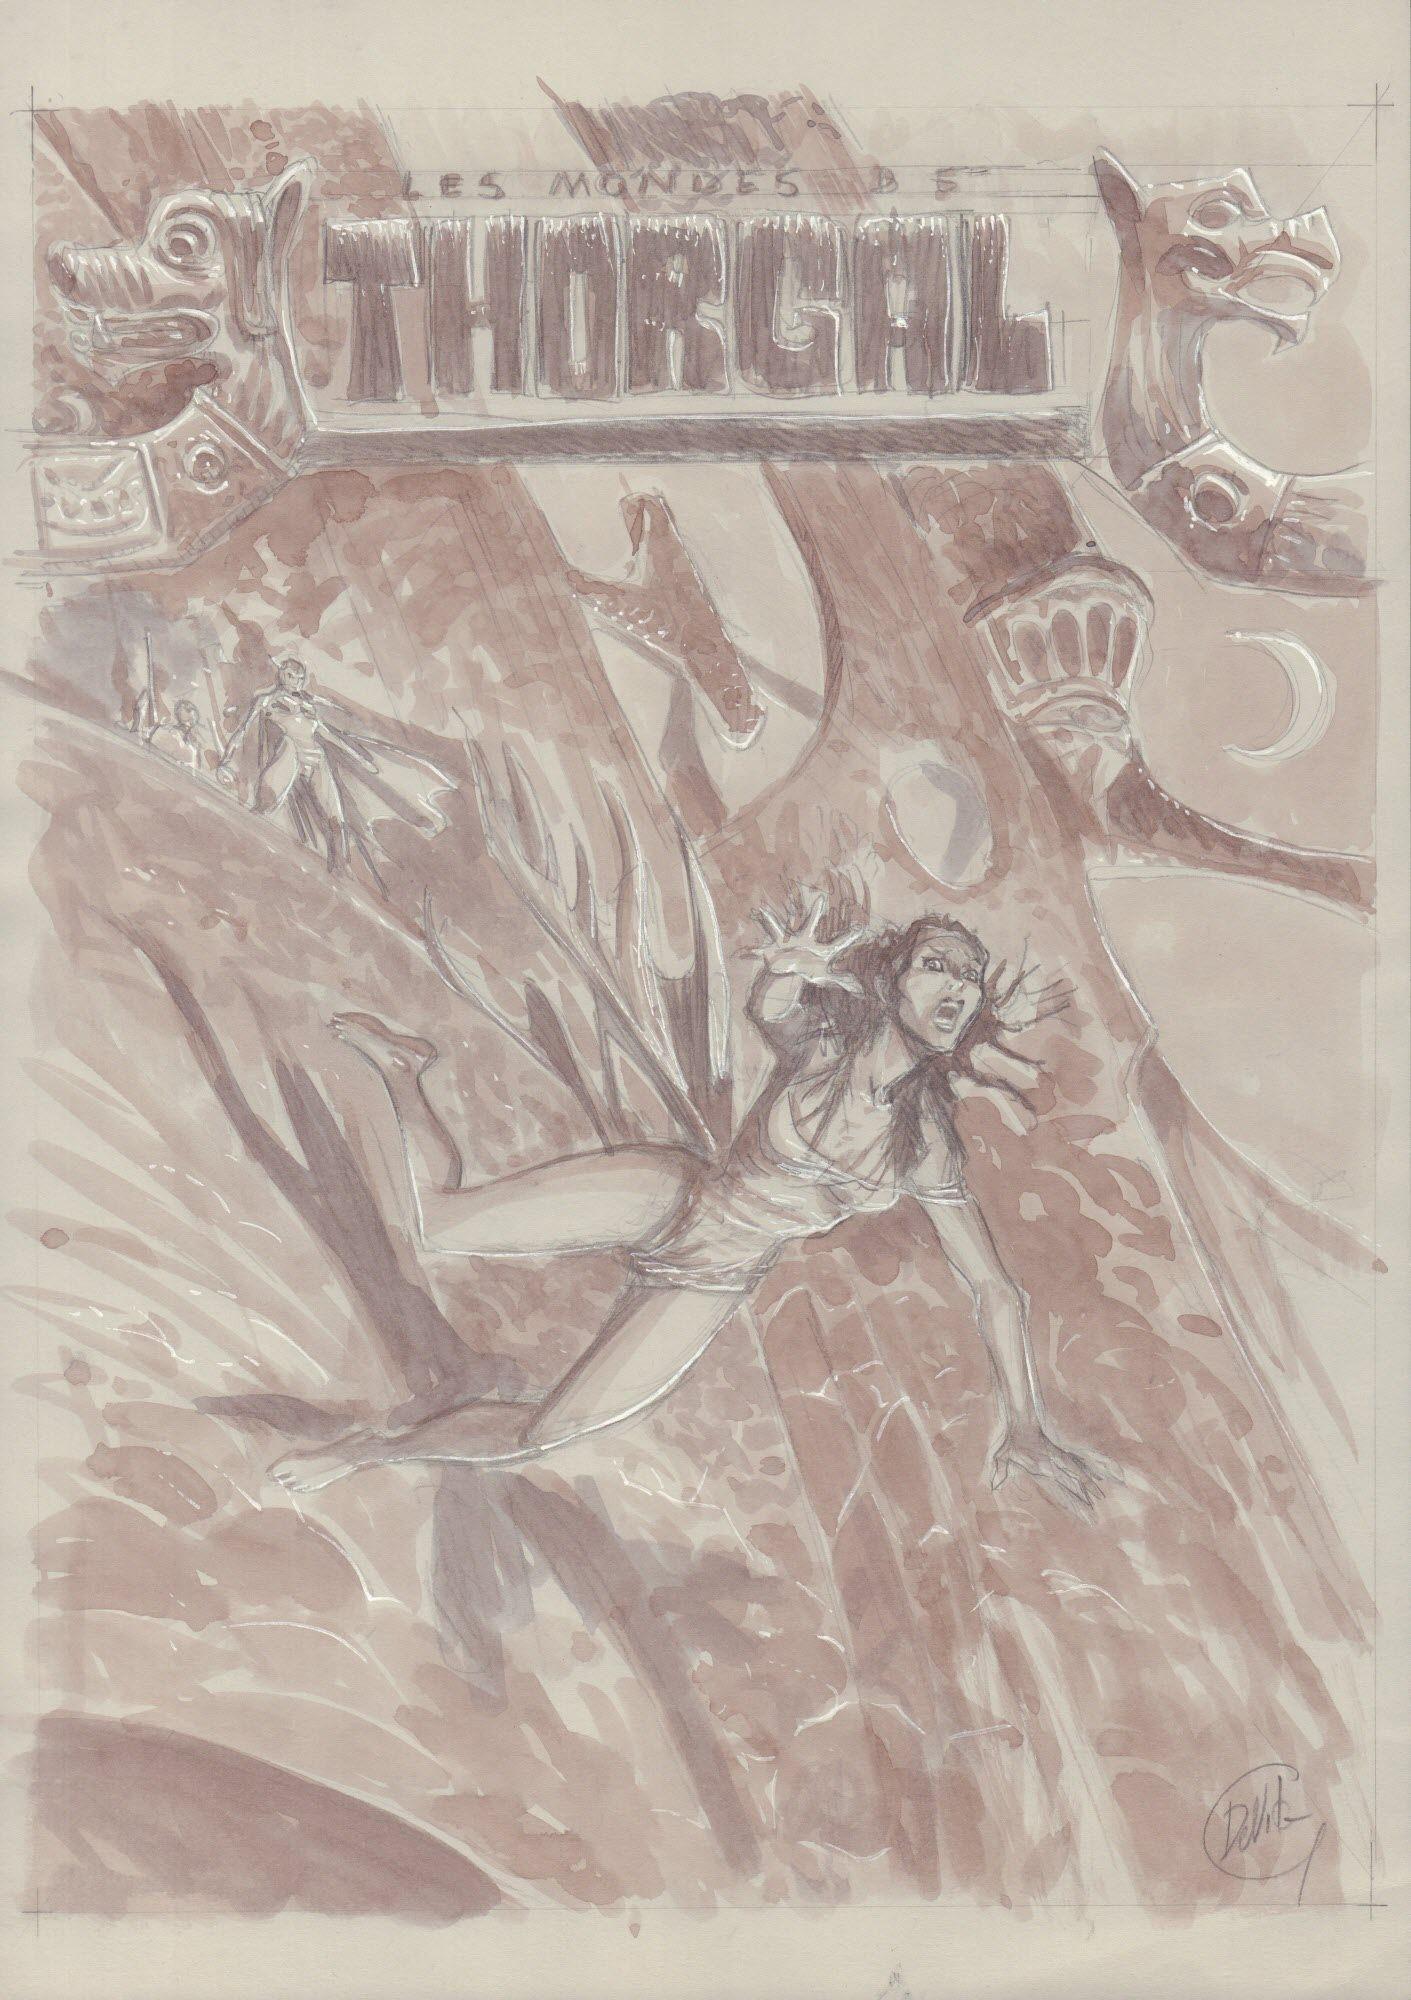 Thorgal. Kriss de Valnor #2, Wyrok Walkirii - szkic okładki